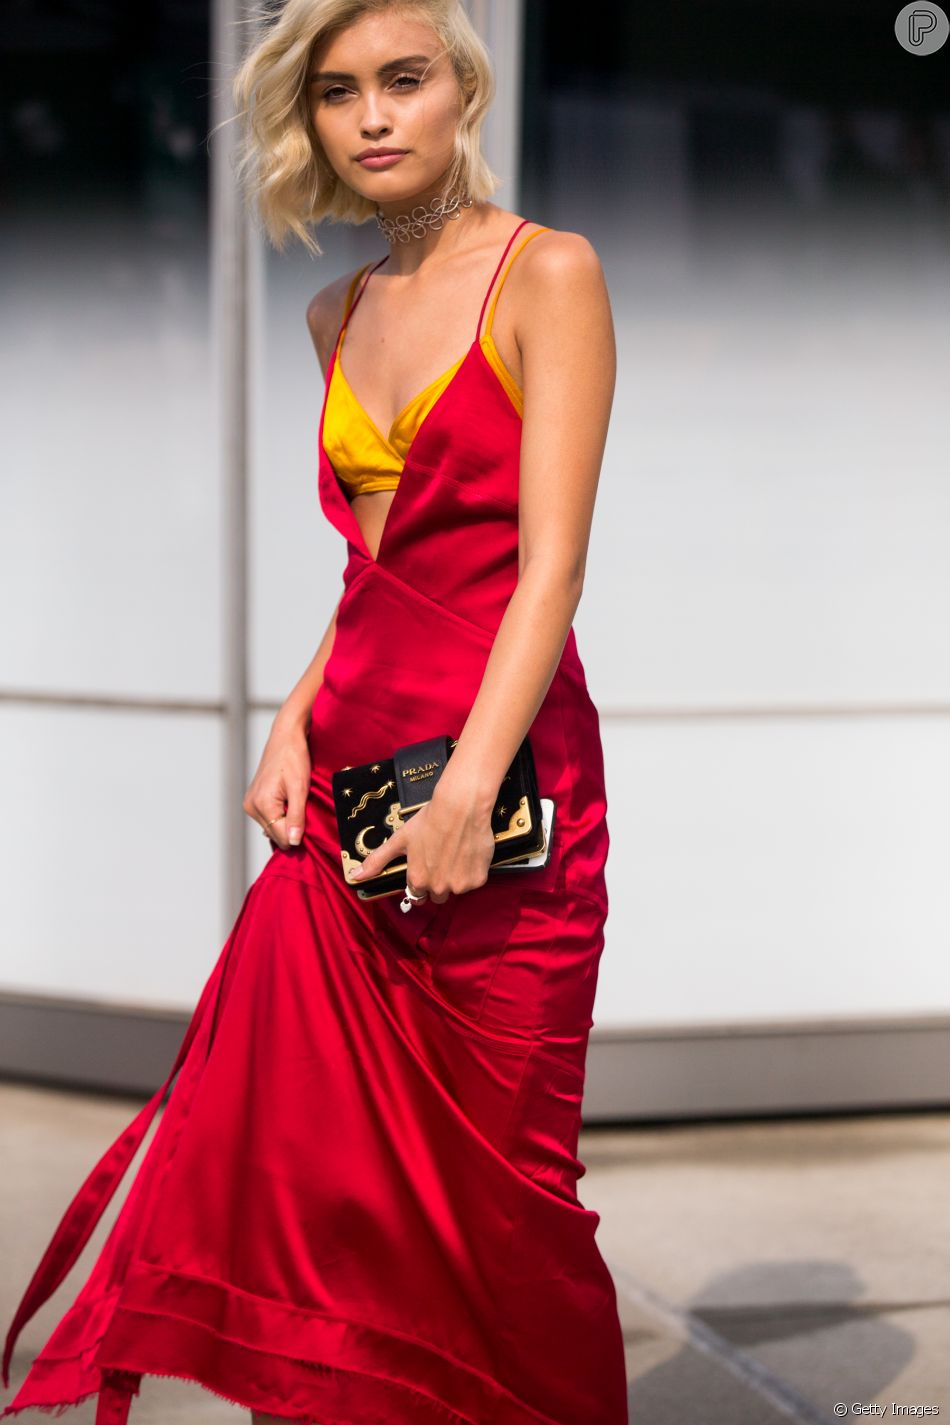 Slip dress: o vestido que parece uma camisola é perfeito para o verão. Aposte na lingerie à mostra e no contraste de cores.